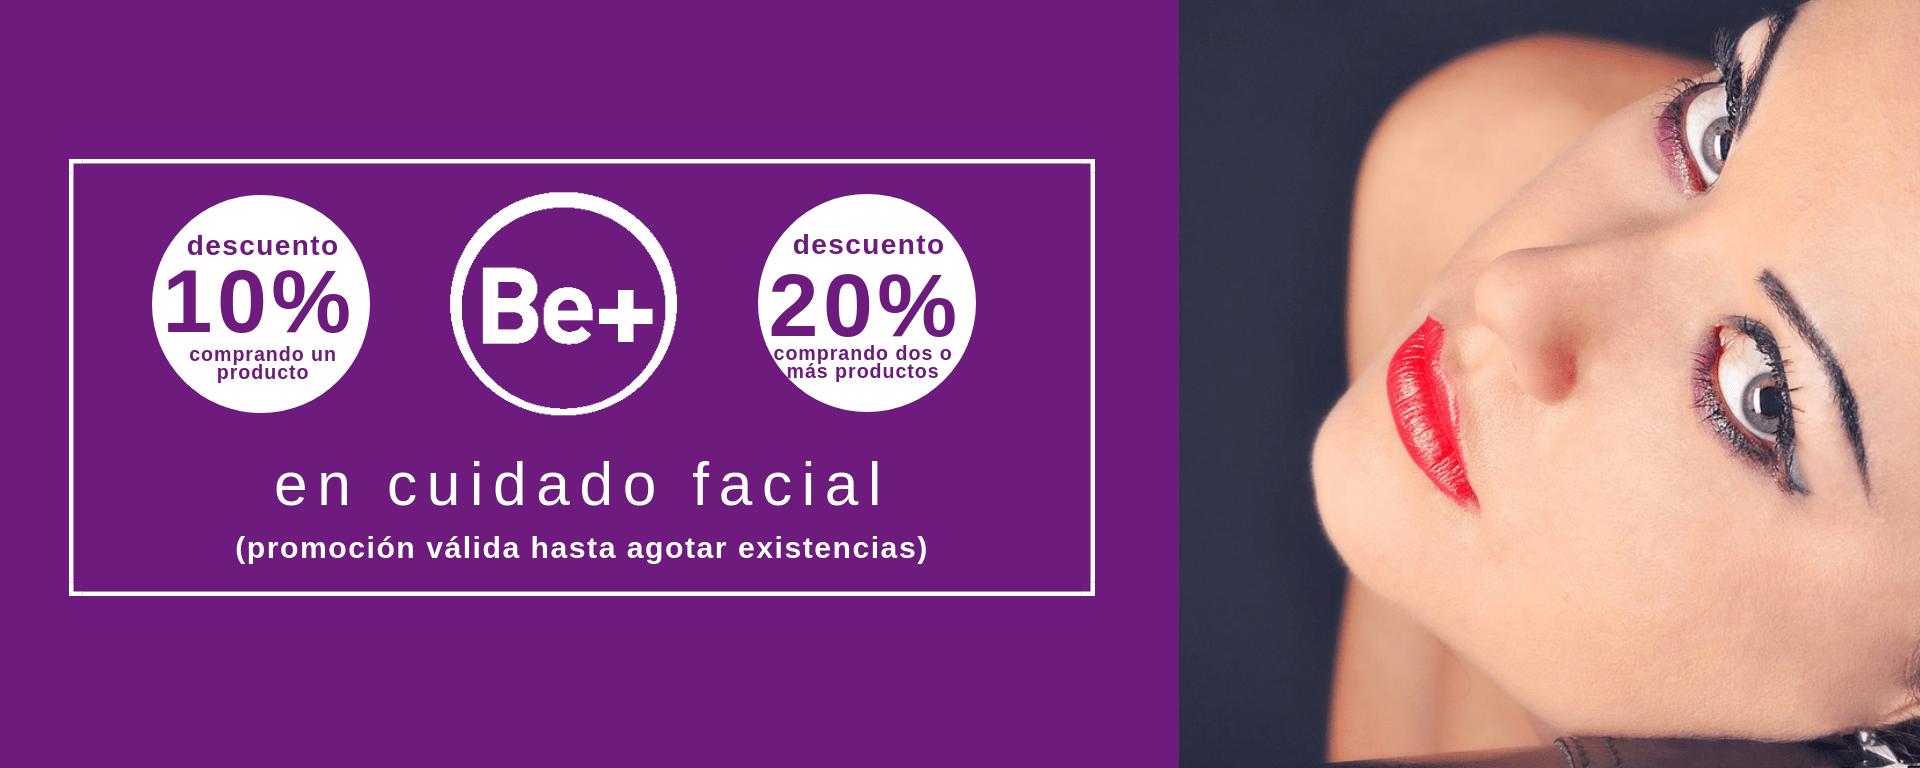 Descuento cuidado facial - Farmacia Ciudad Alta